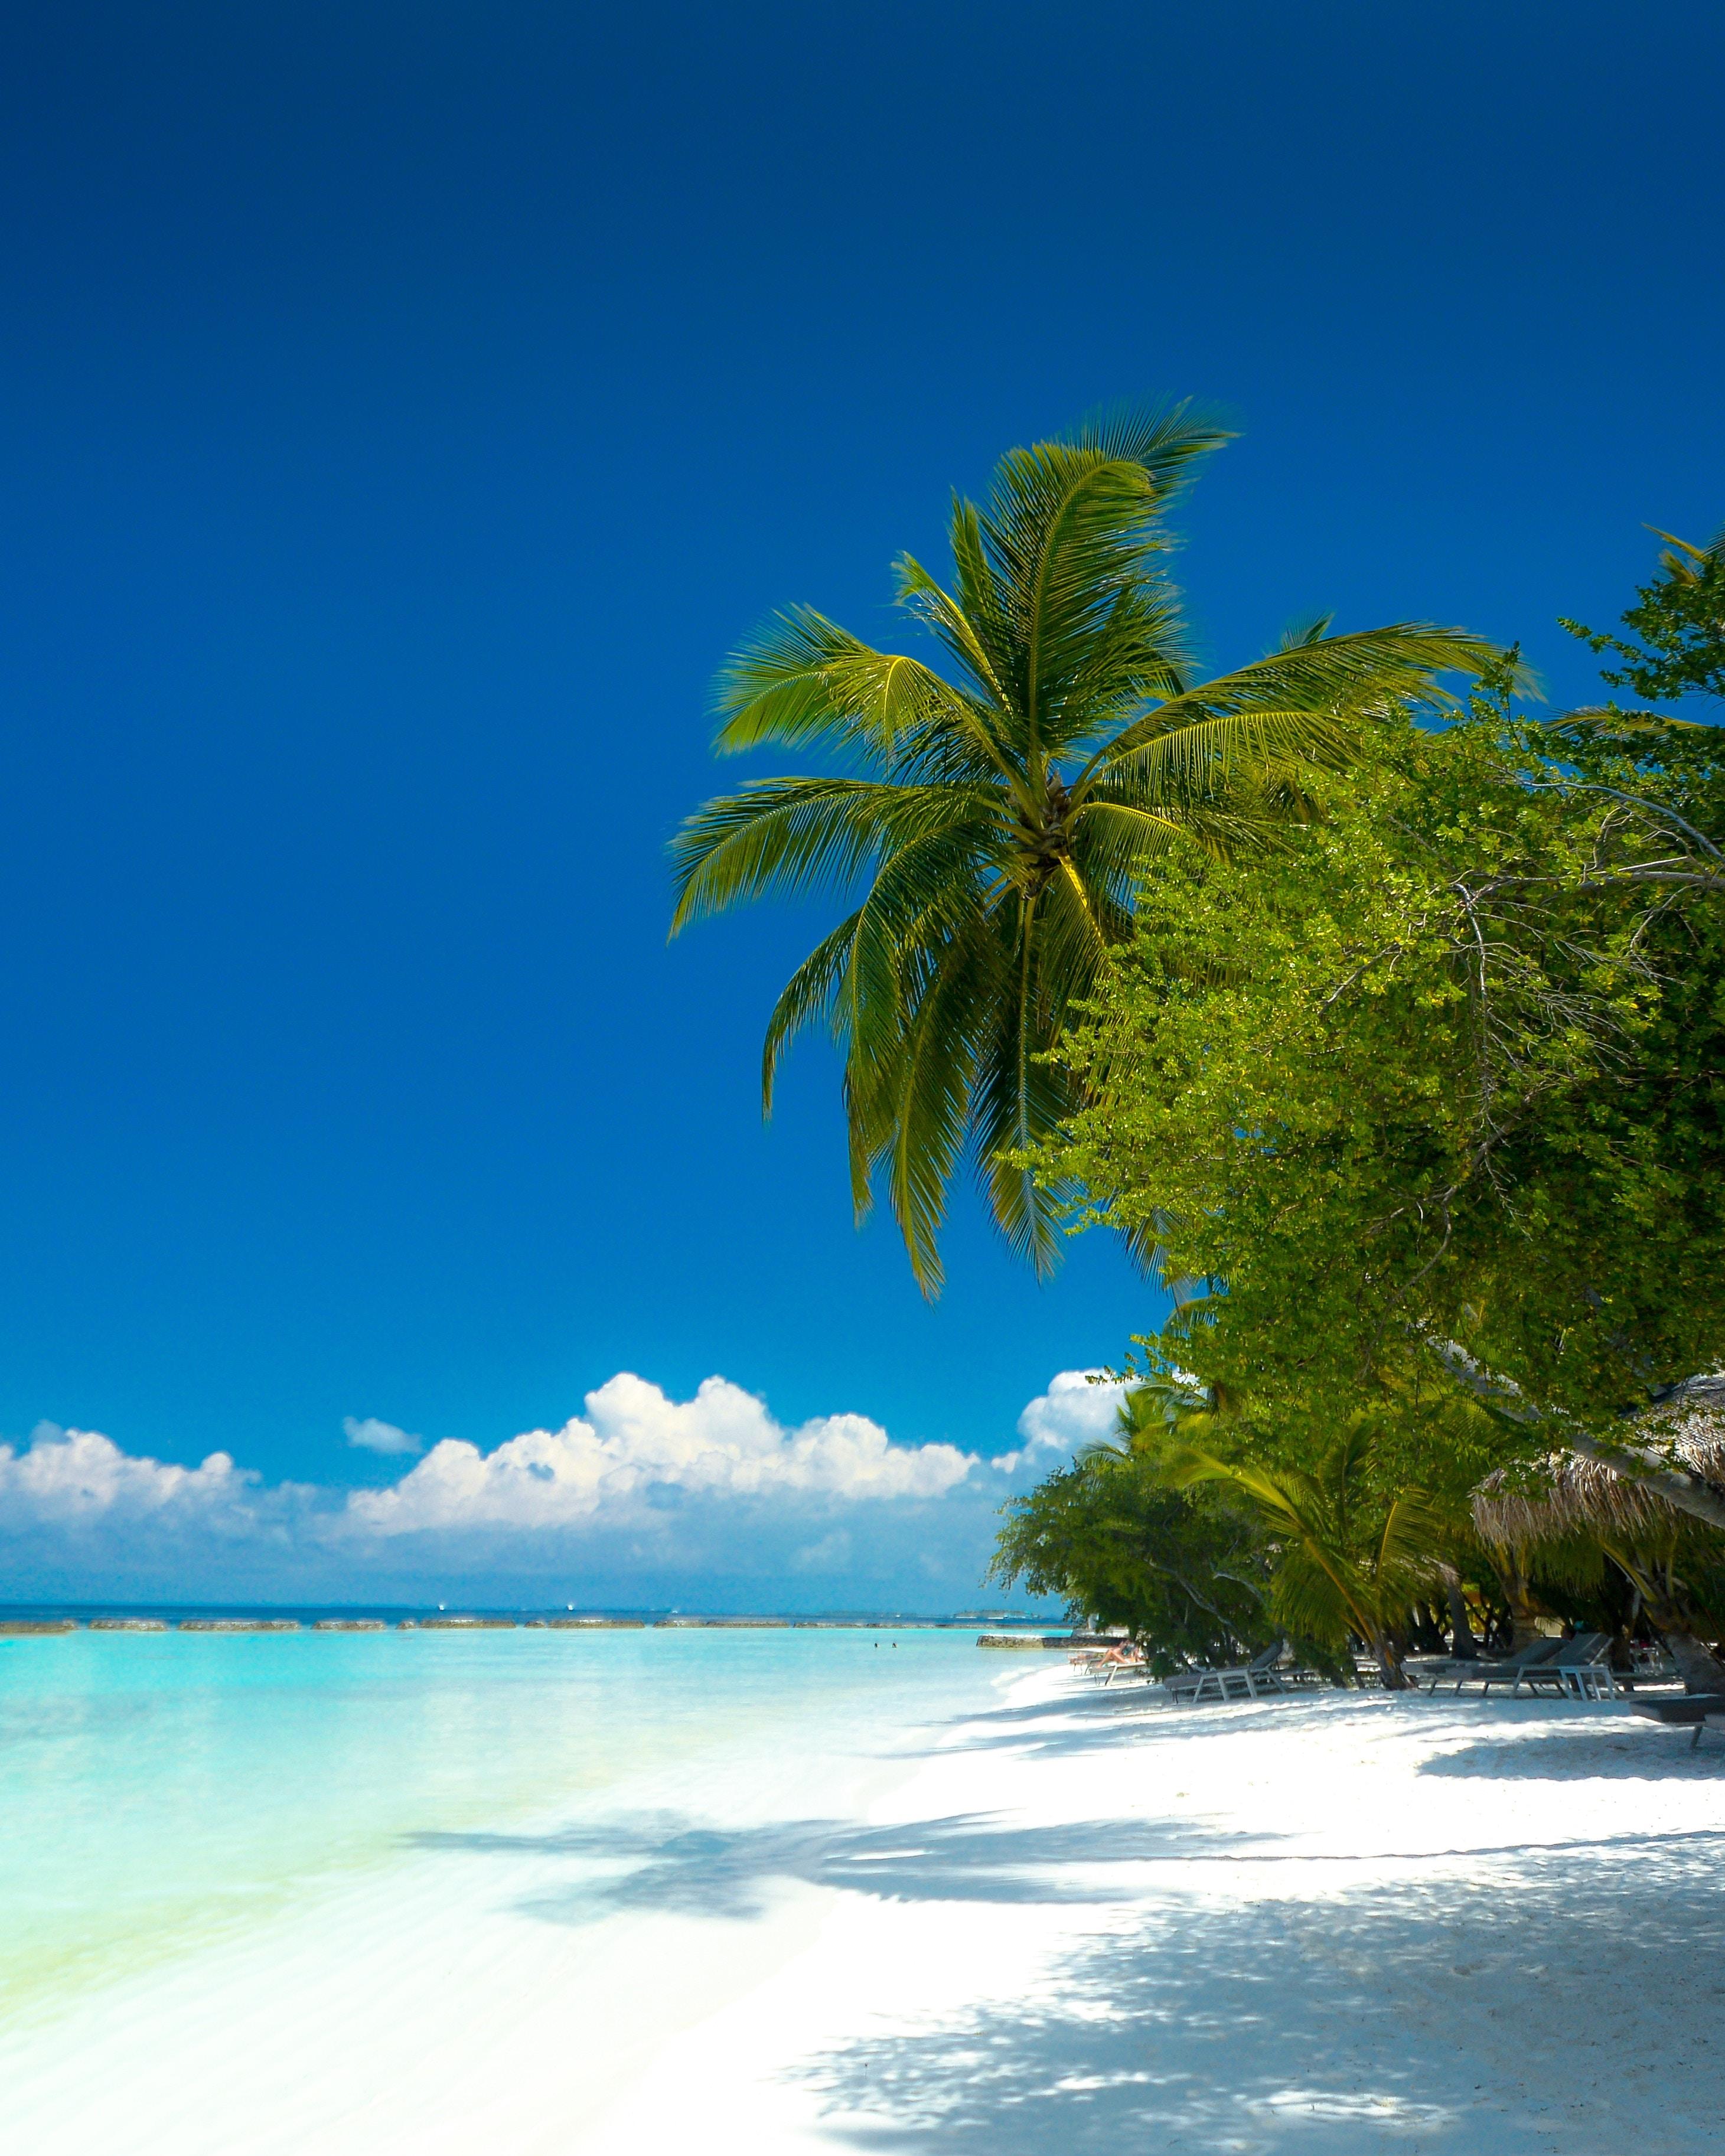 Скачать обои Пляж на телефон бесплатно